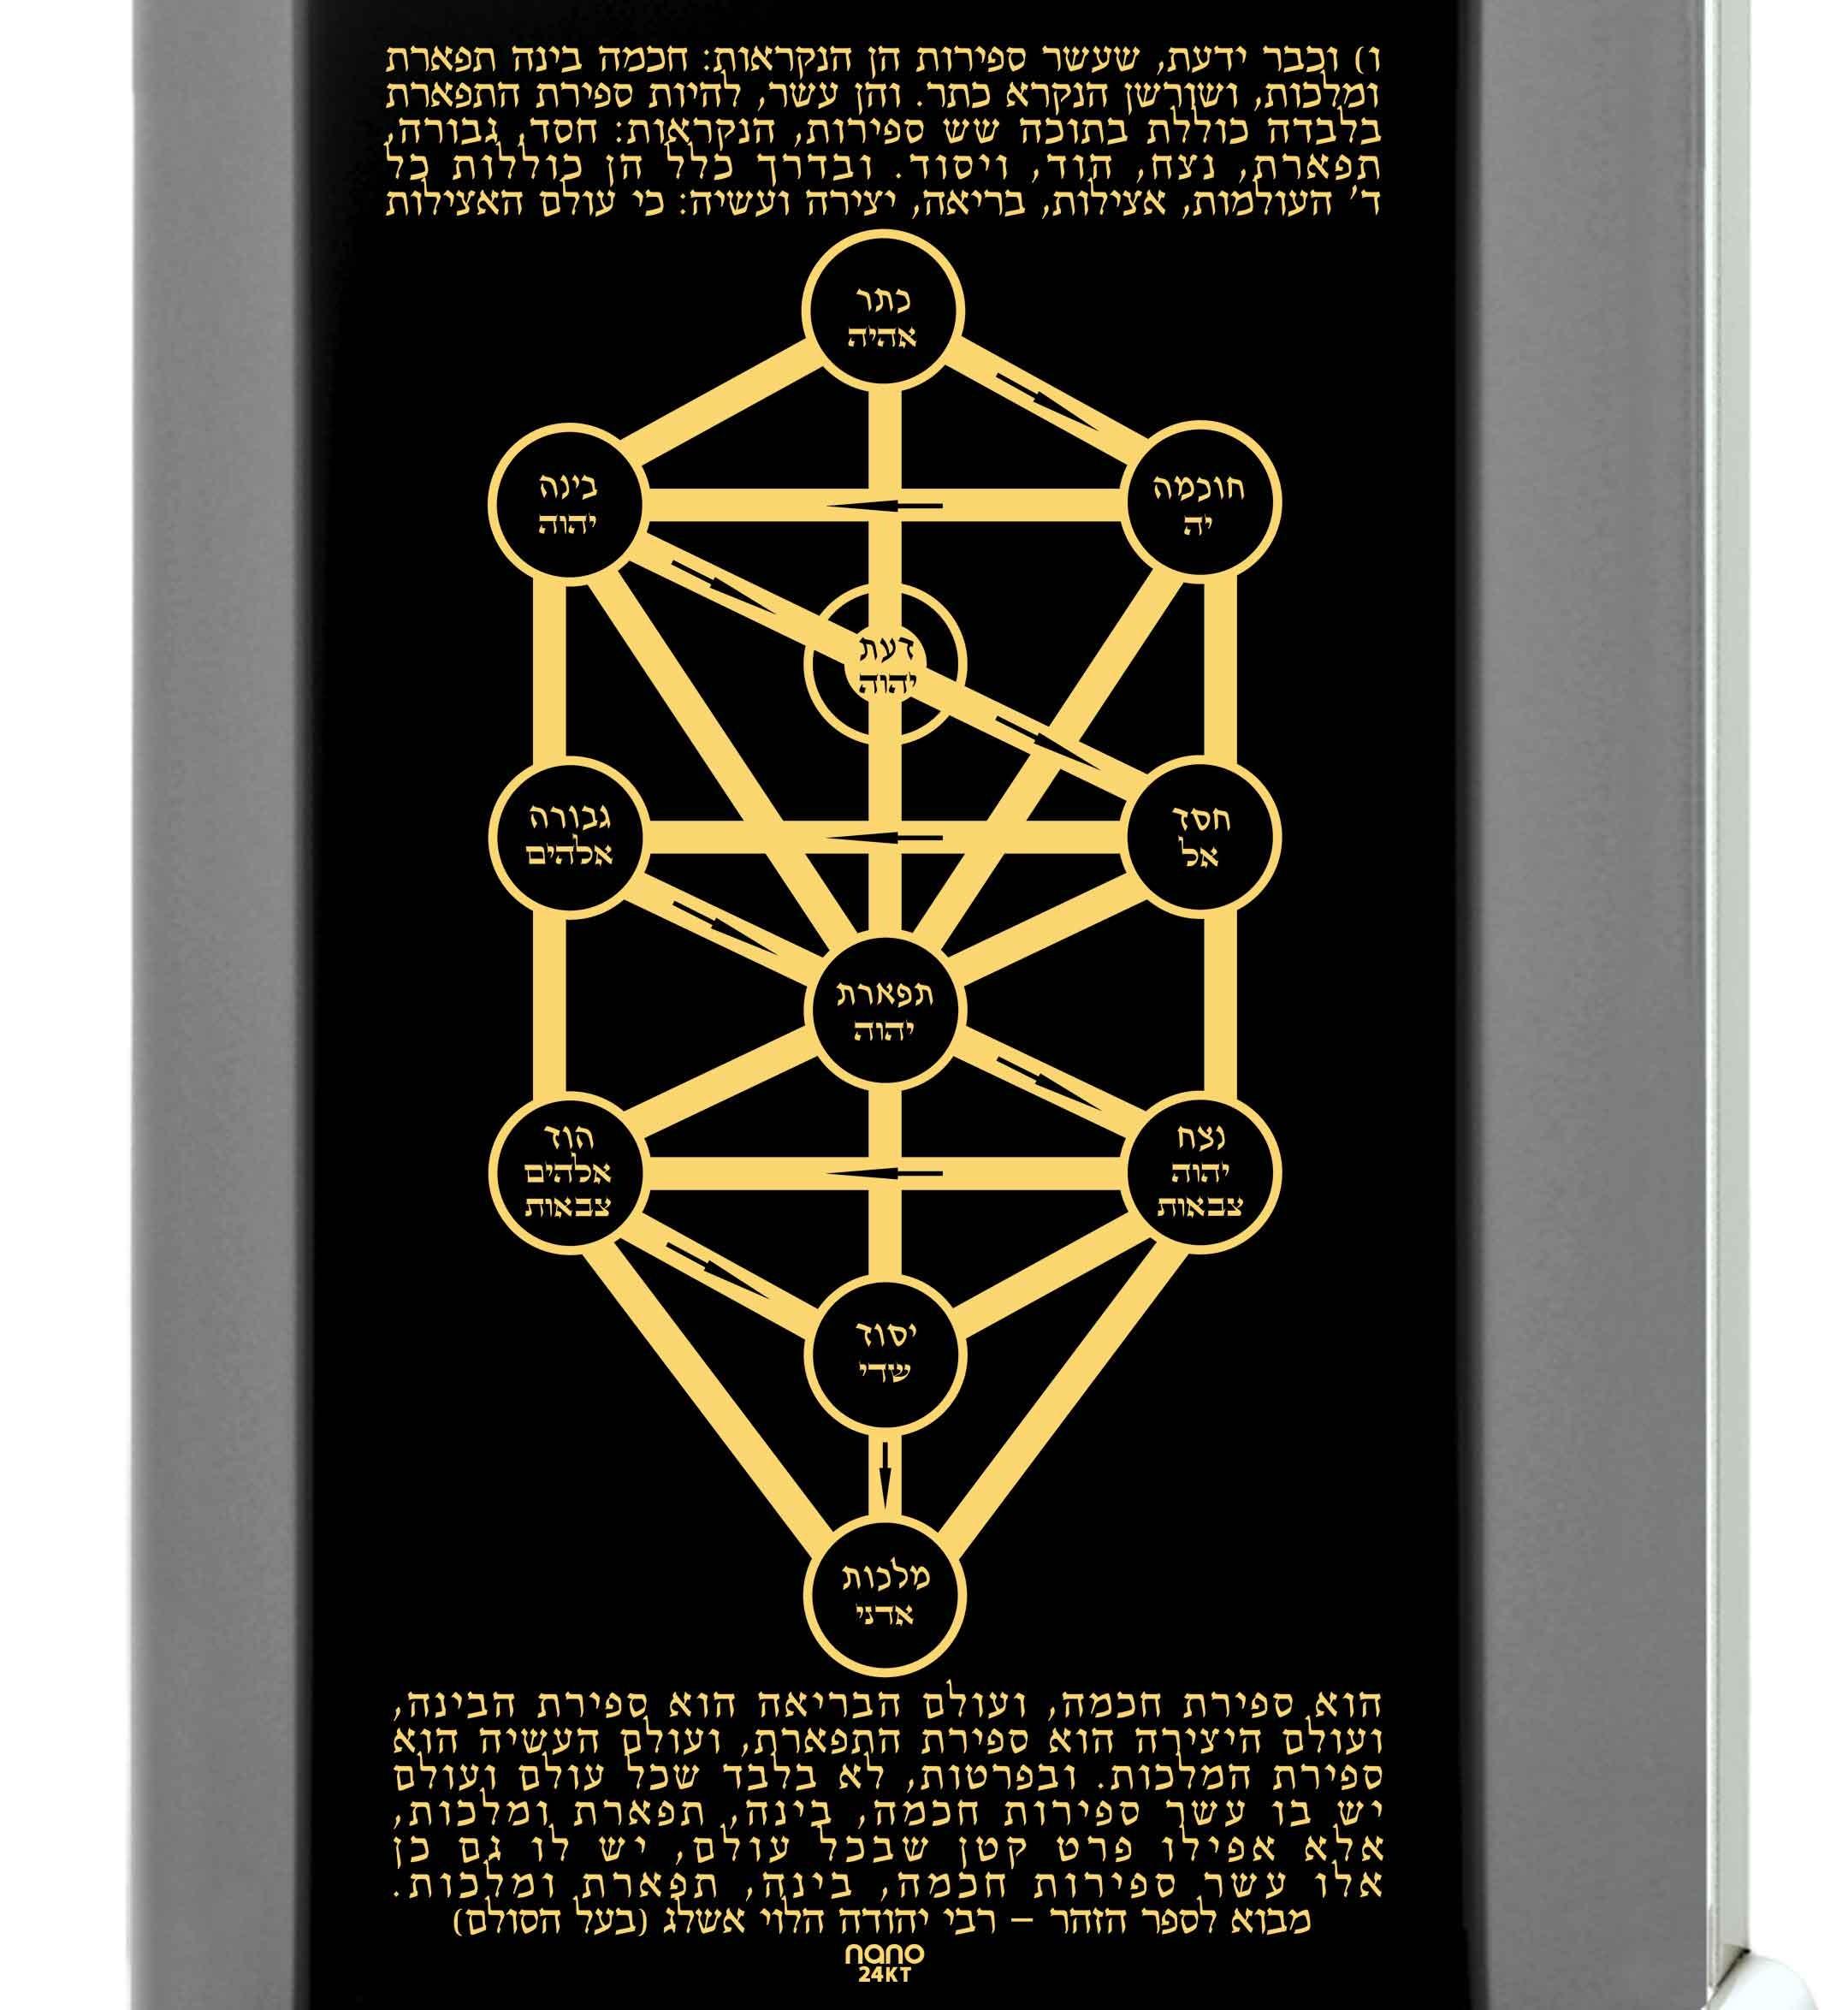 שרשרת עץ החיים - תכשיטי קבלה – ננו תכשיטיםשרשרת עץ החיים - תכשיטי קבלה – ננו תכשיטים